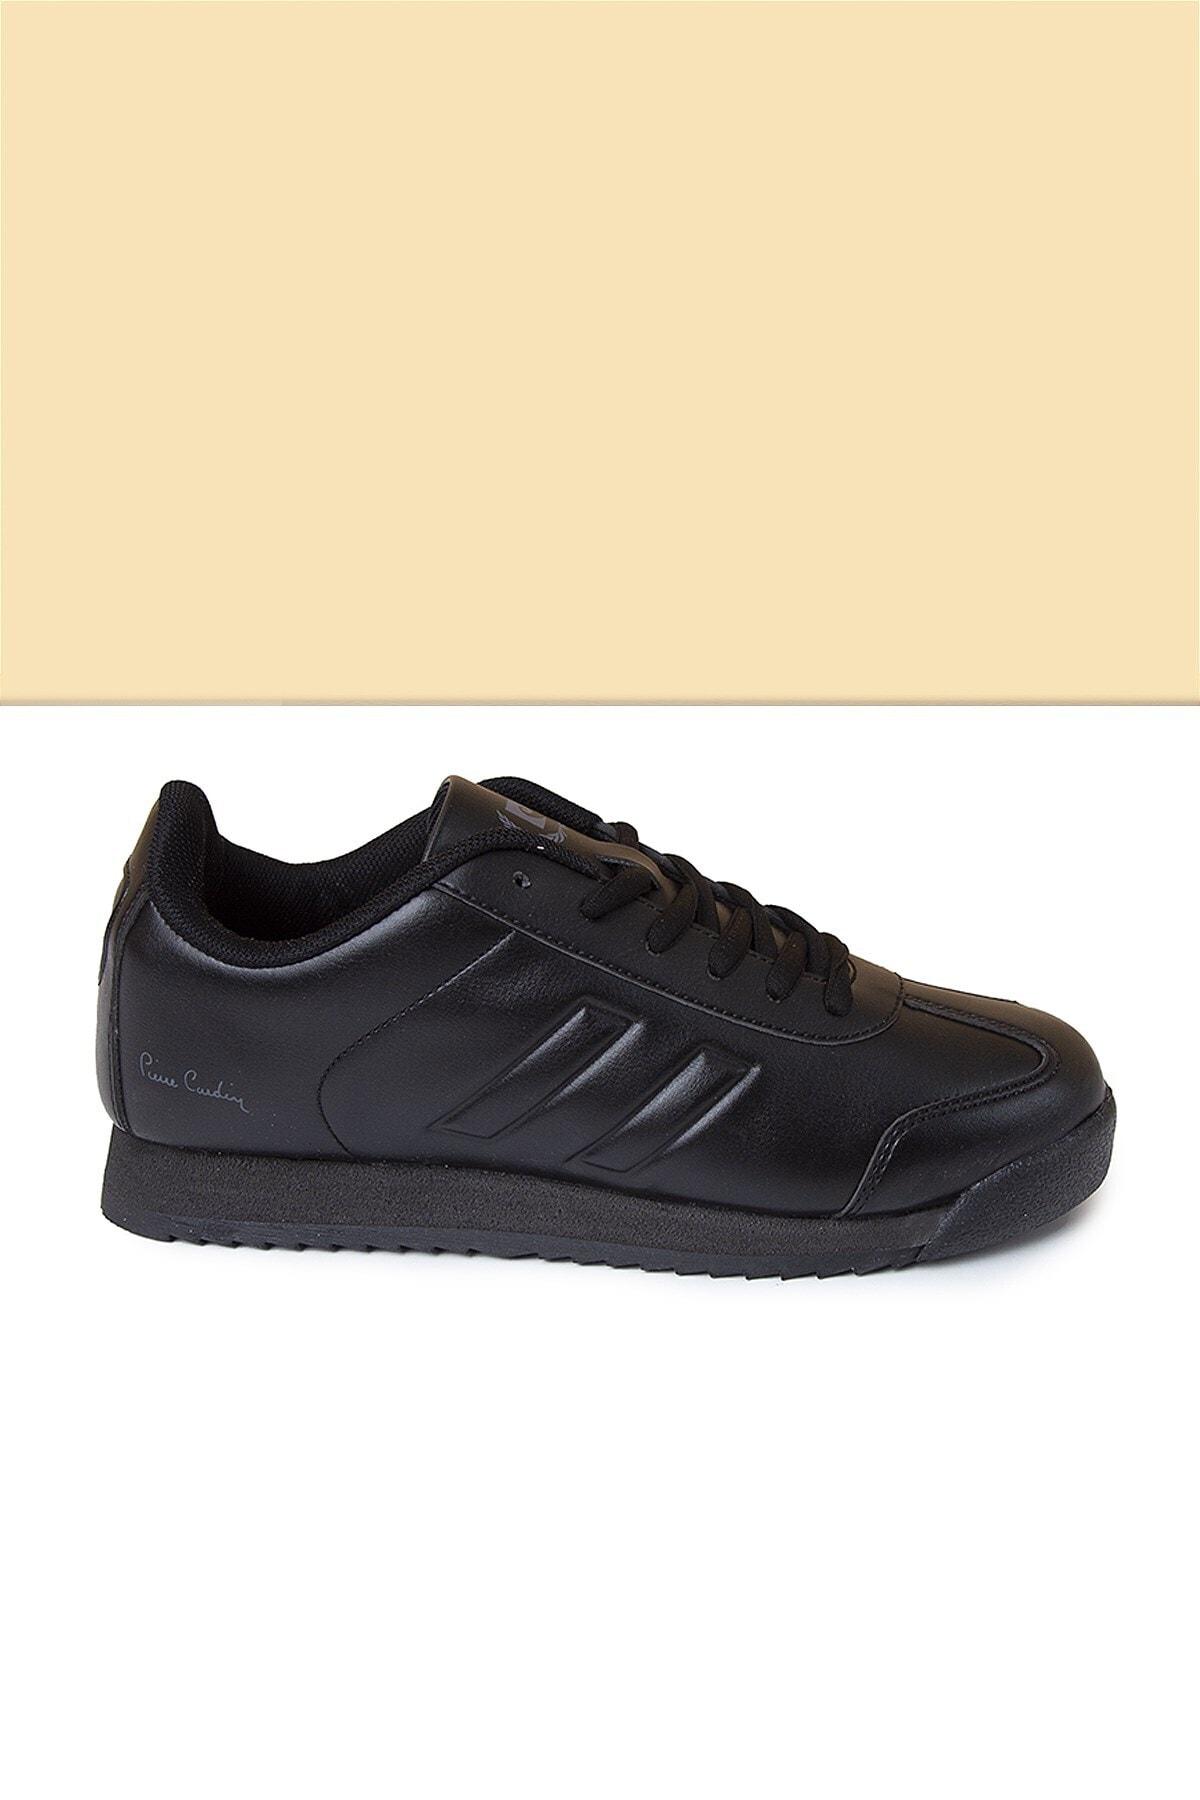 Pierre Cardin Erkek Siyah Ayakkabı Pc-30484 - 3319-01 2